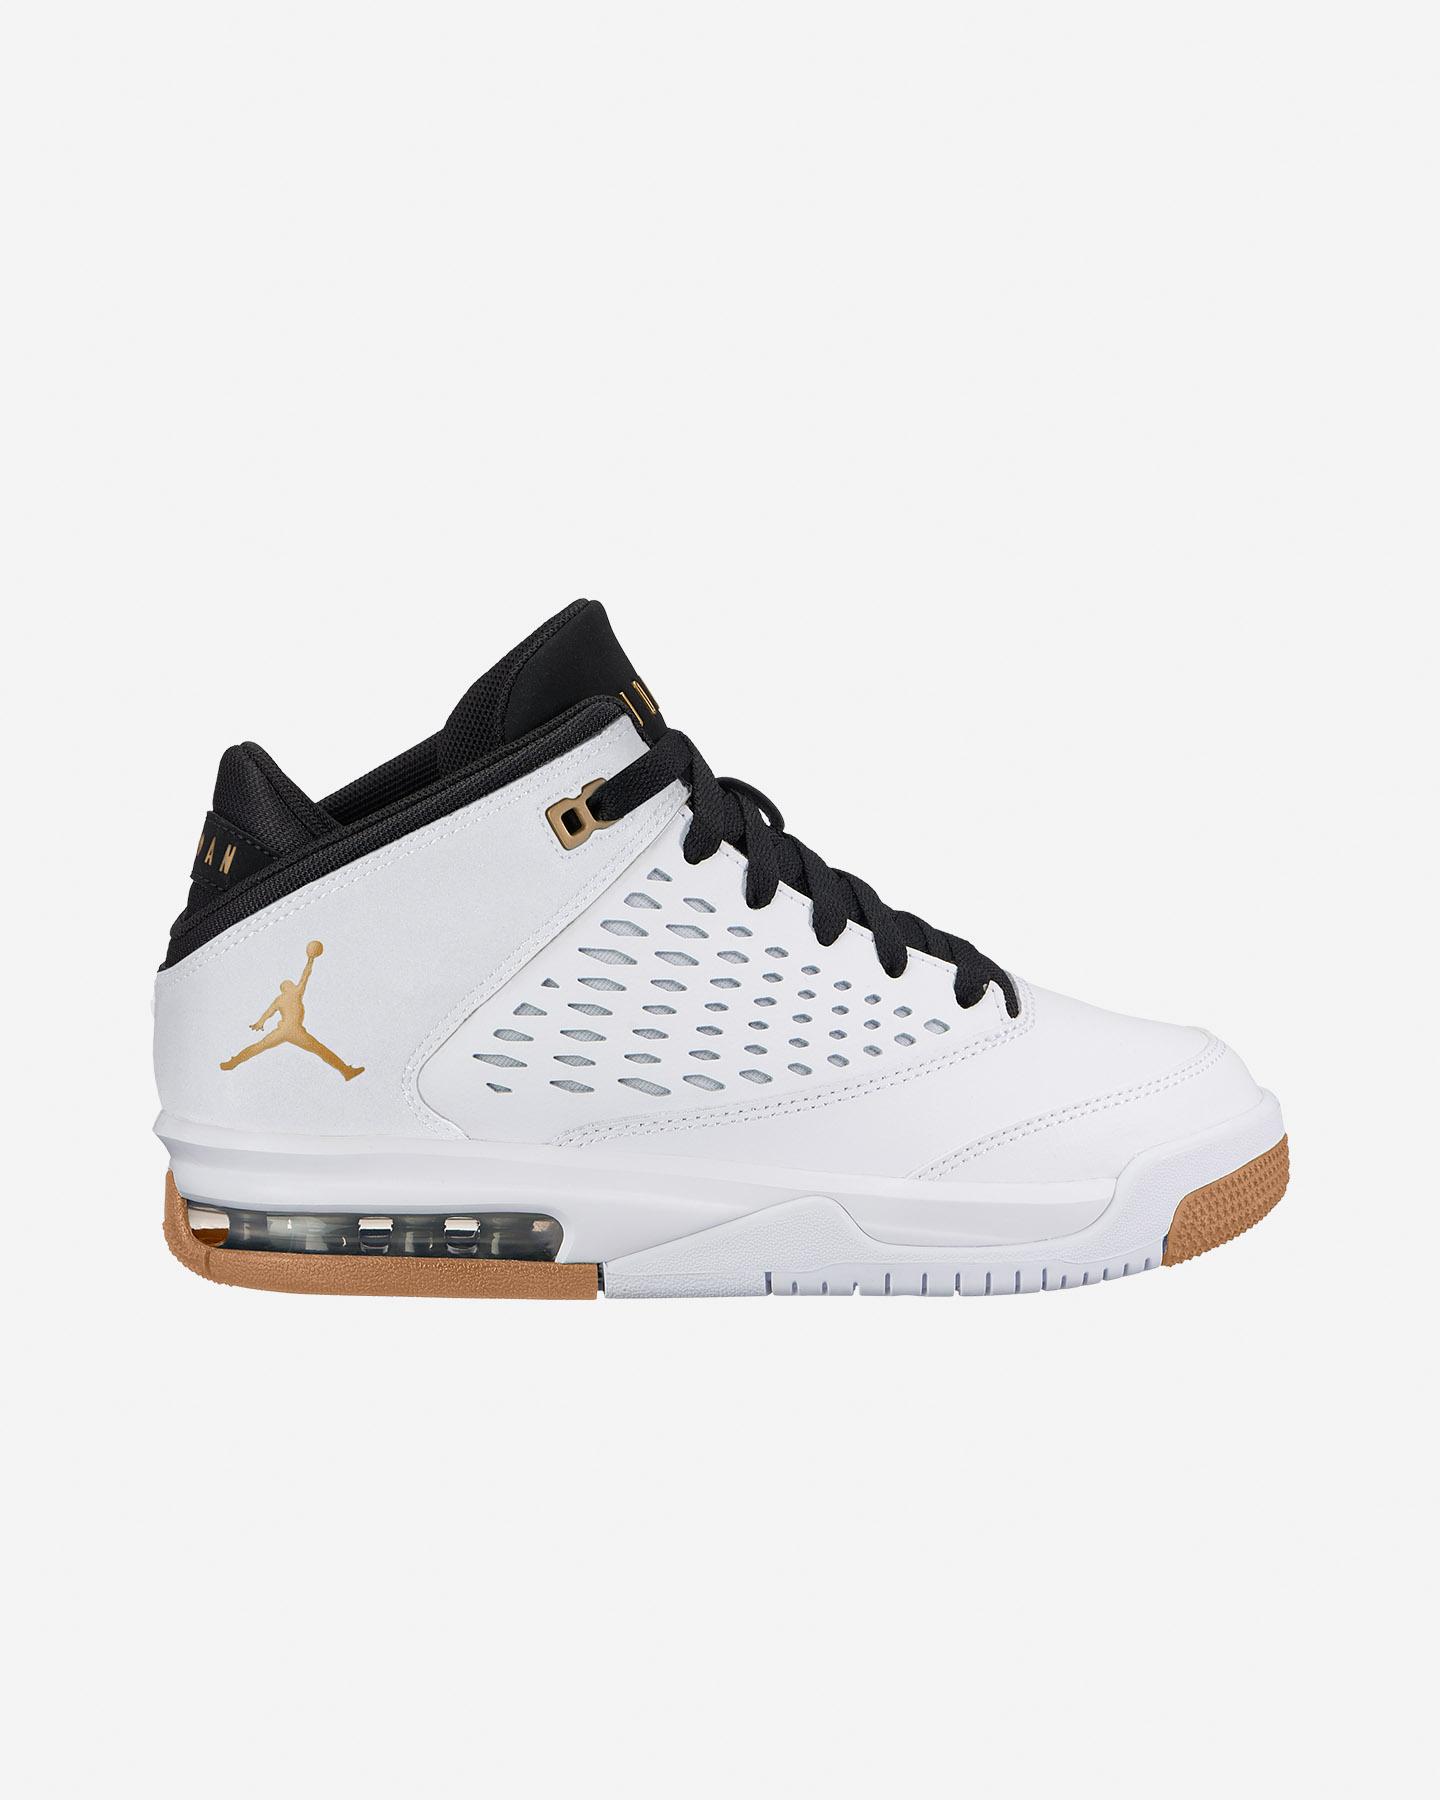 f8c48b5ce8 Scarpe Sneakers Nike Jordan Flight Origin 4 Jr 921200-121 | Cisalfa ...